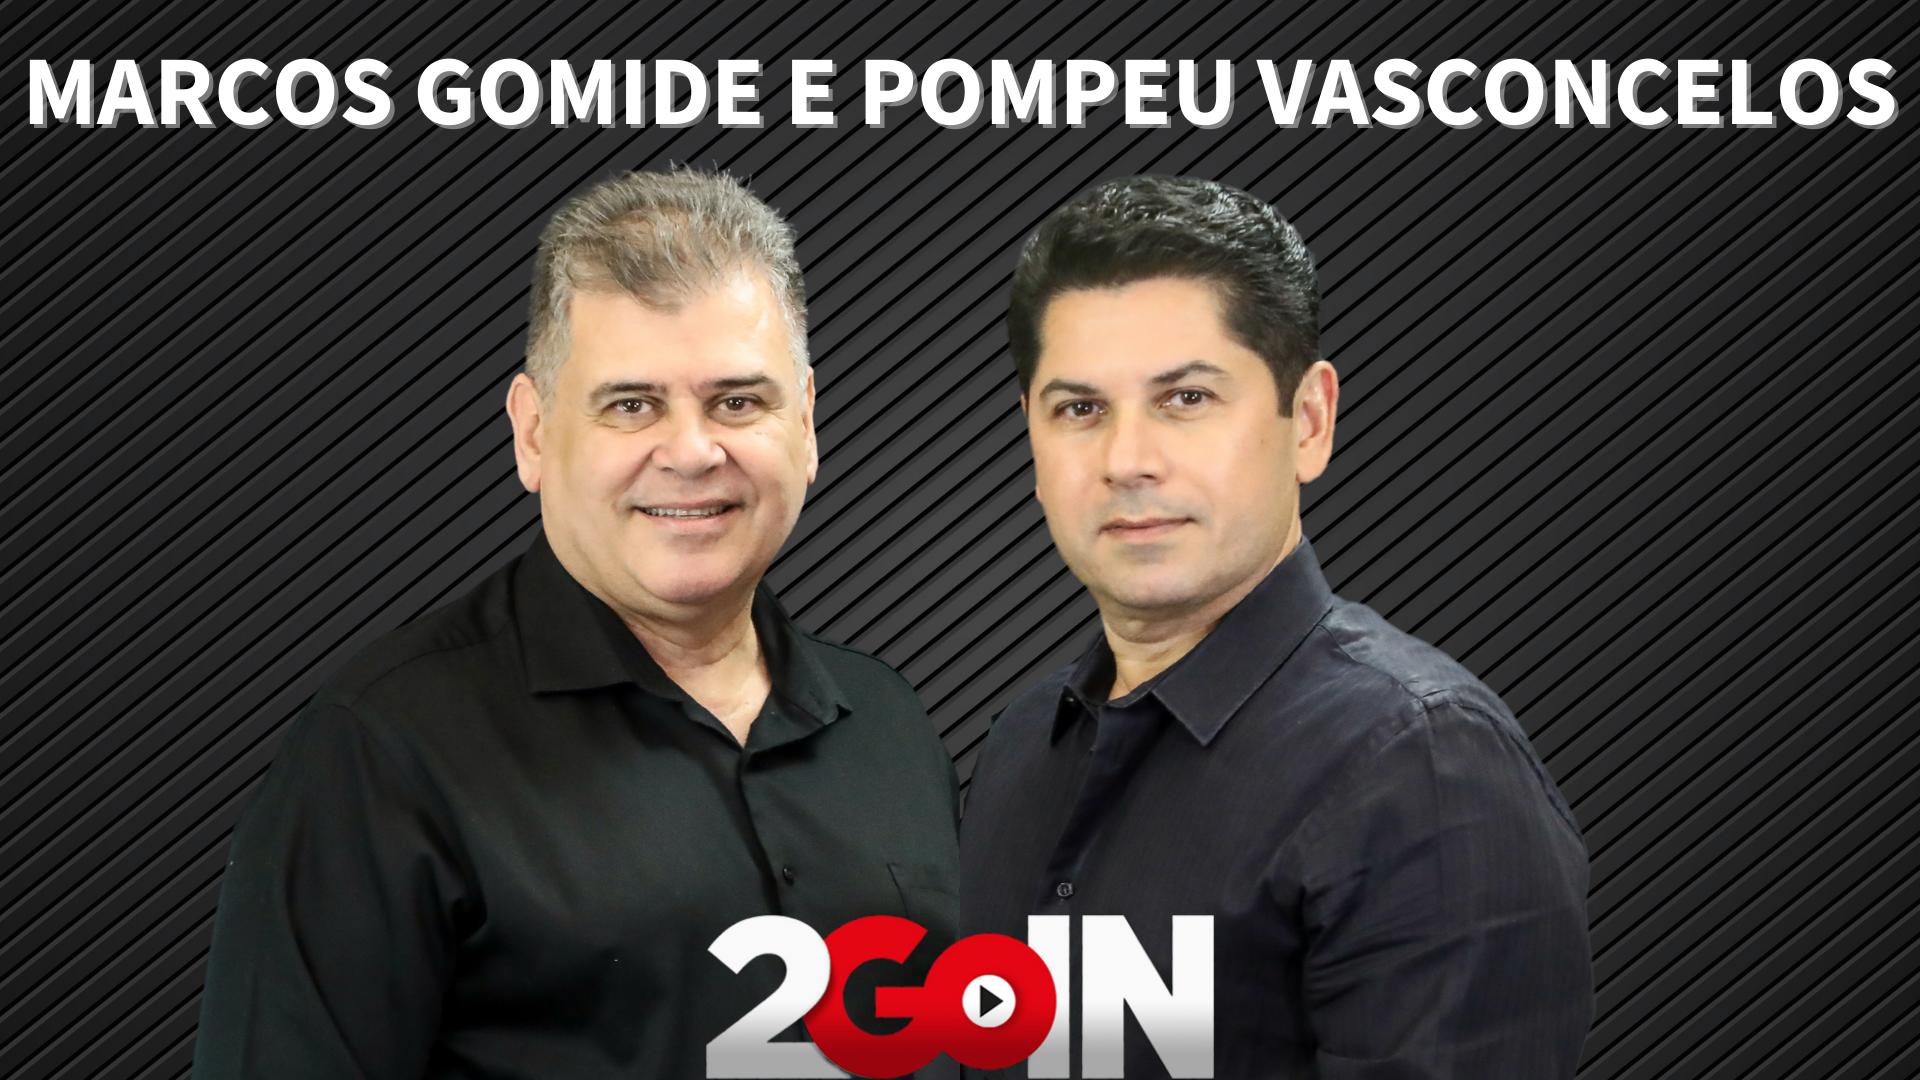 Pompeu Vasconcelos e Marcos Gomide contam os bastidores da nova estratégia na internet de Ciro Gomes